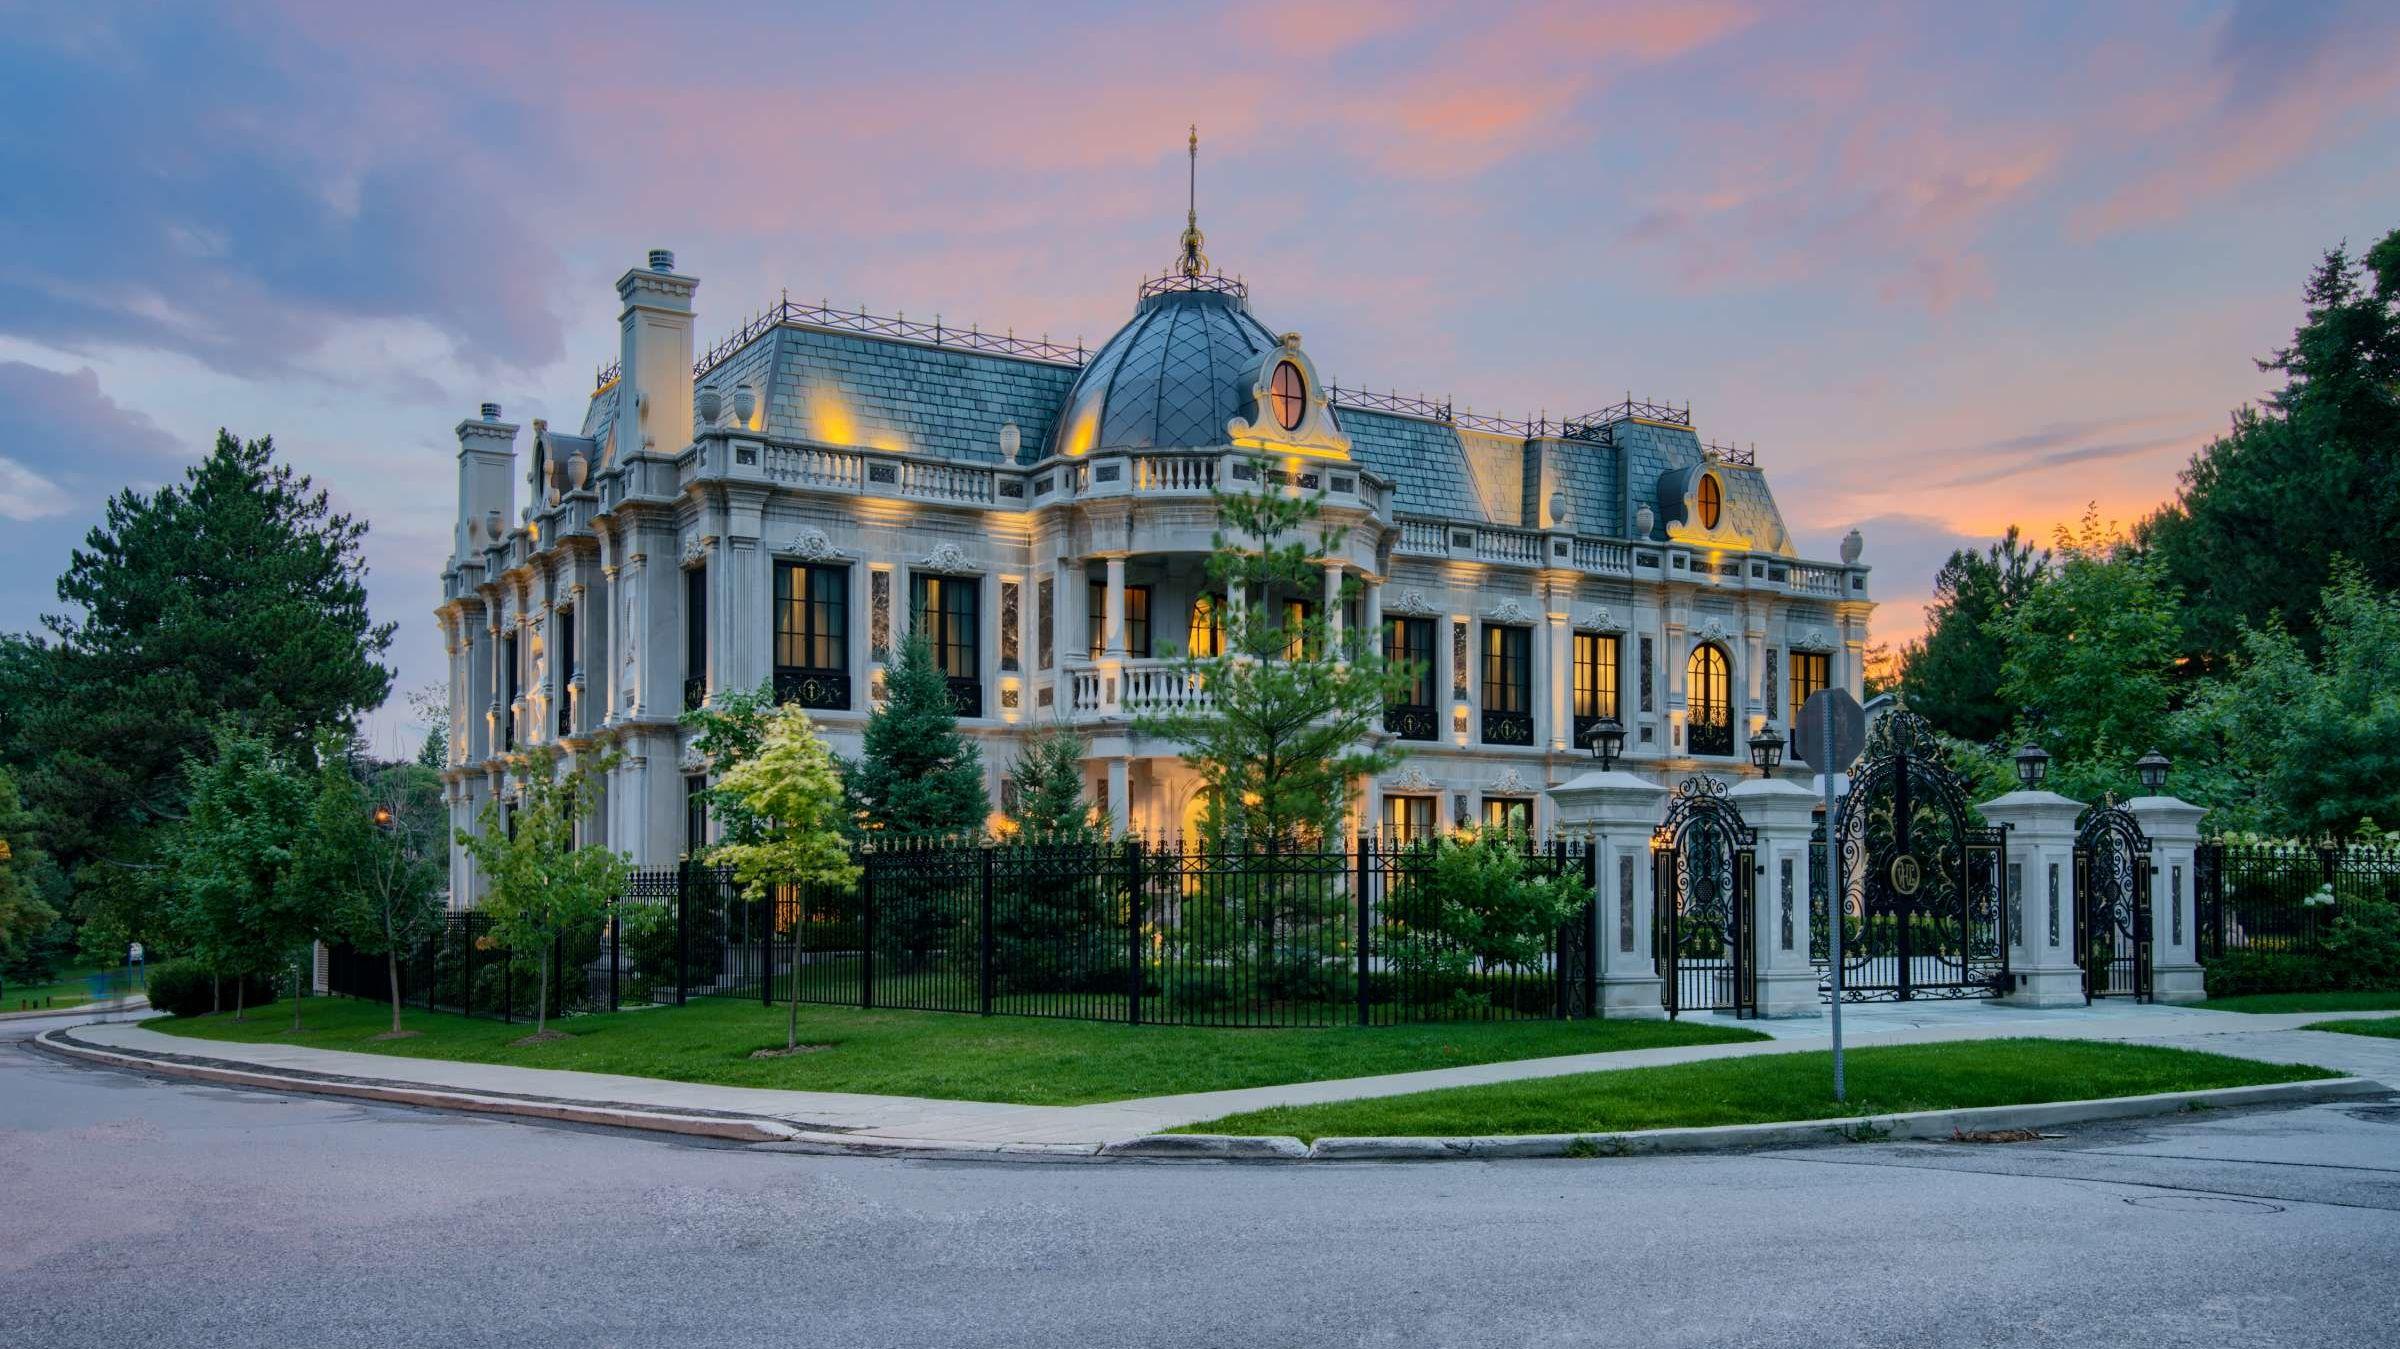 Schitt's Creek's La Belle Maison Mansion Just Hit the Market